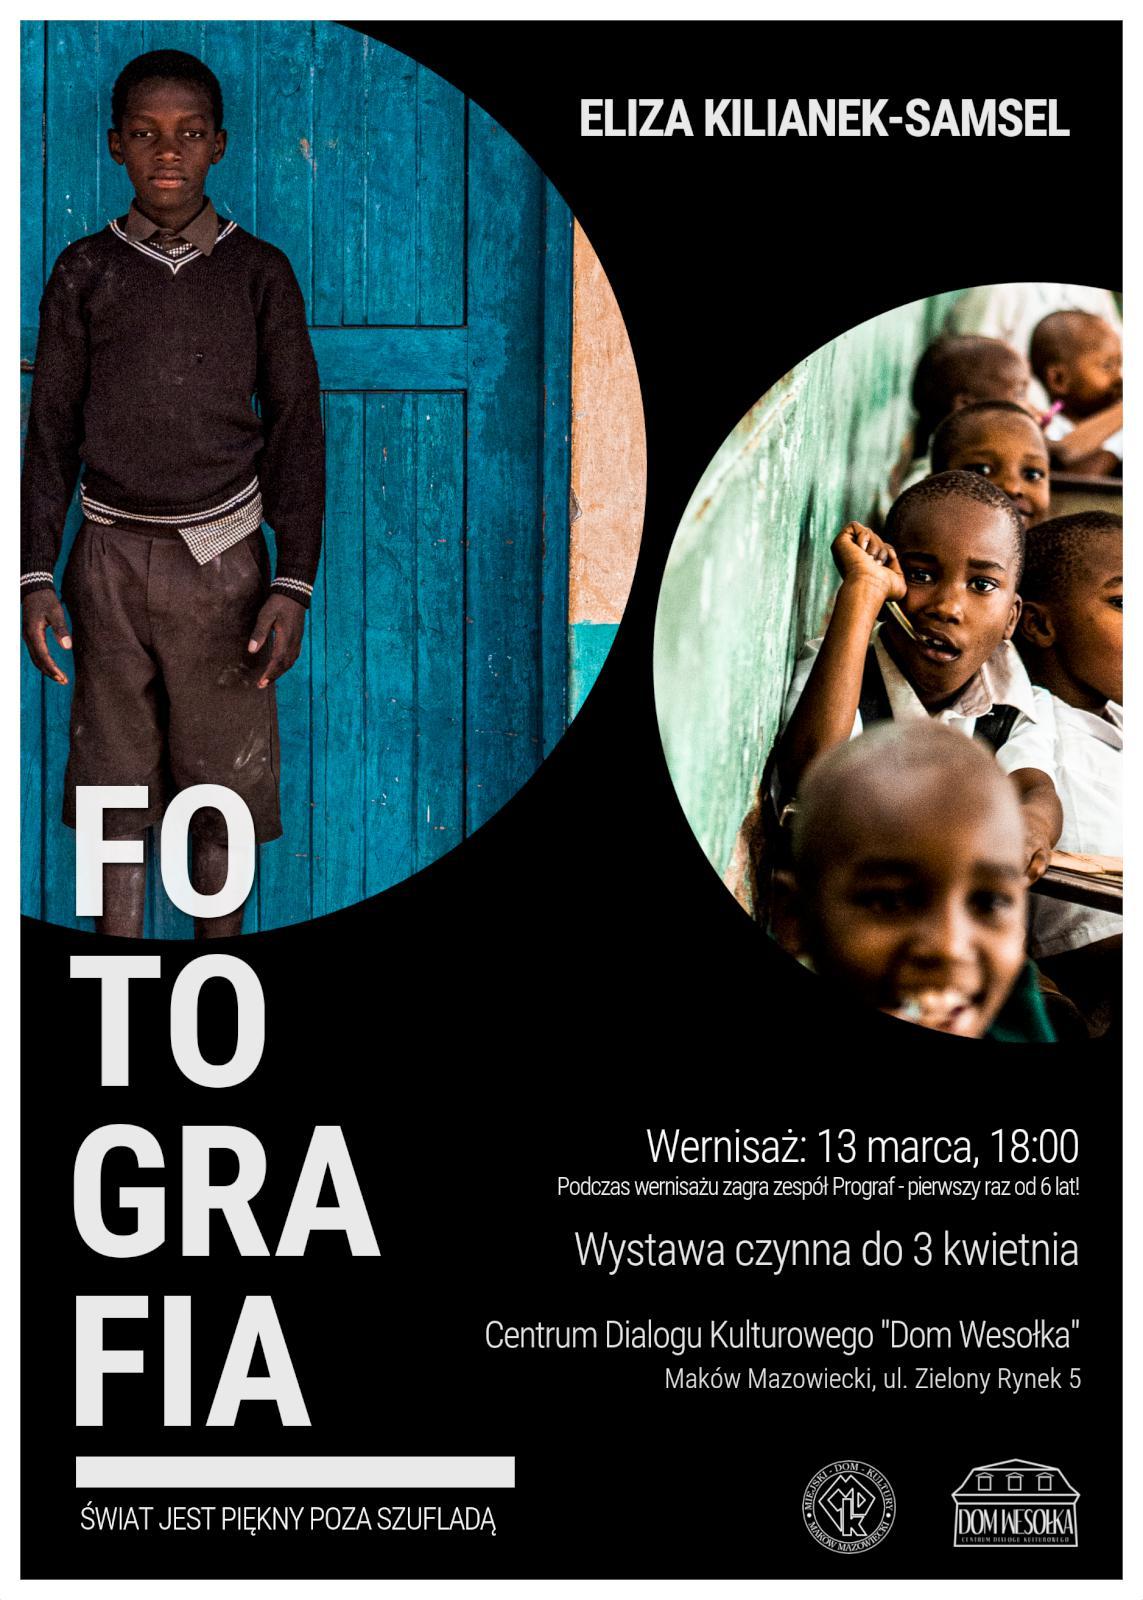 Plakat. Na czarbym tle w kołach znajdują się dzieci. Informacja. Wystawa i wernisaż FOTOGRAFIA Elizy Kilianek Samsel. Wernisaż 13 marca godzina 18:00, wystawa czyna do 3 kwietnia